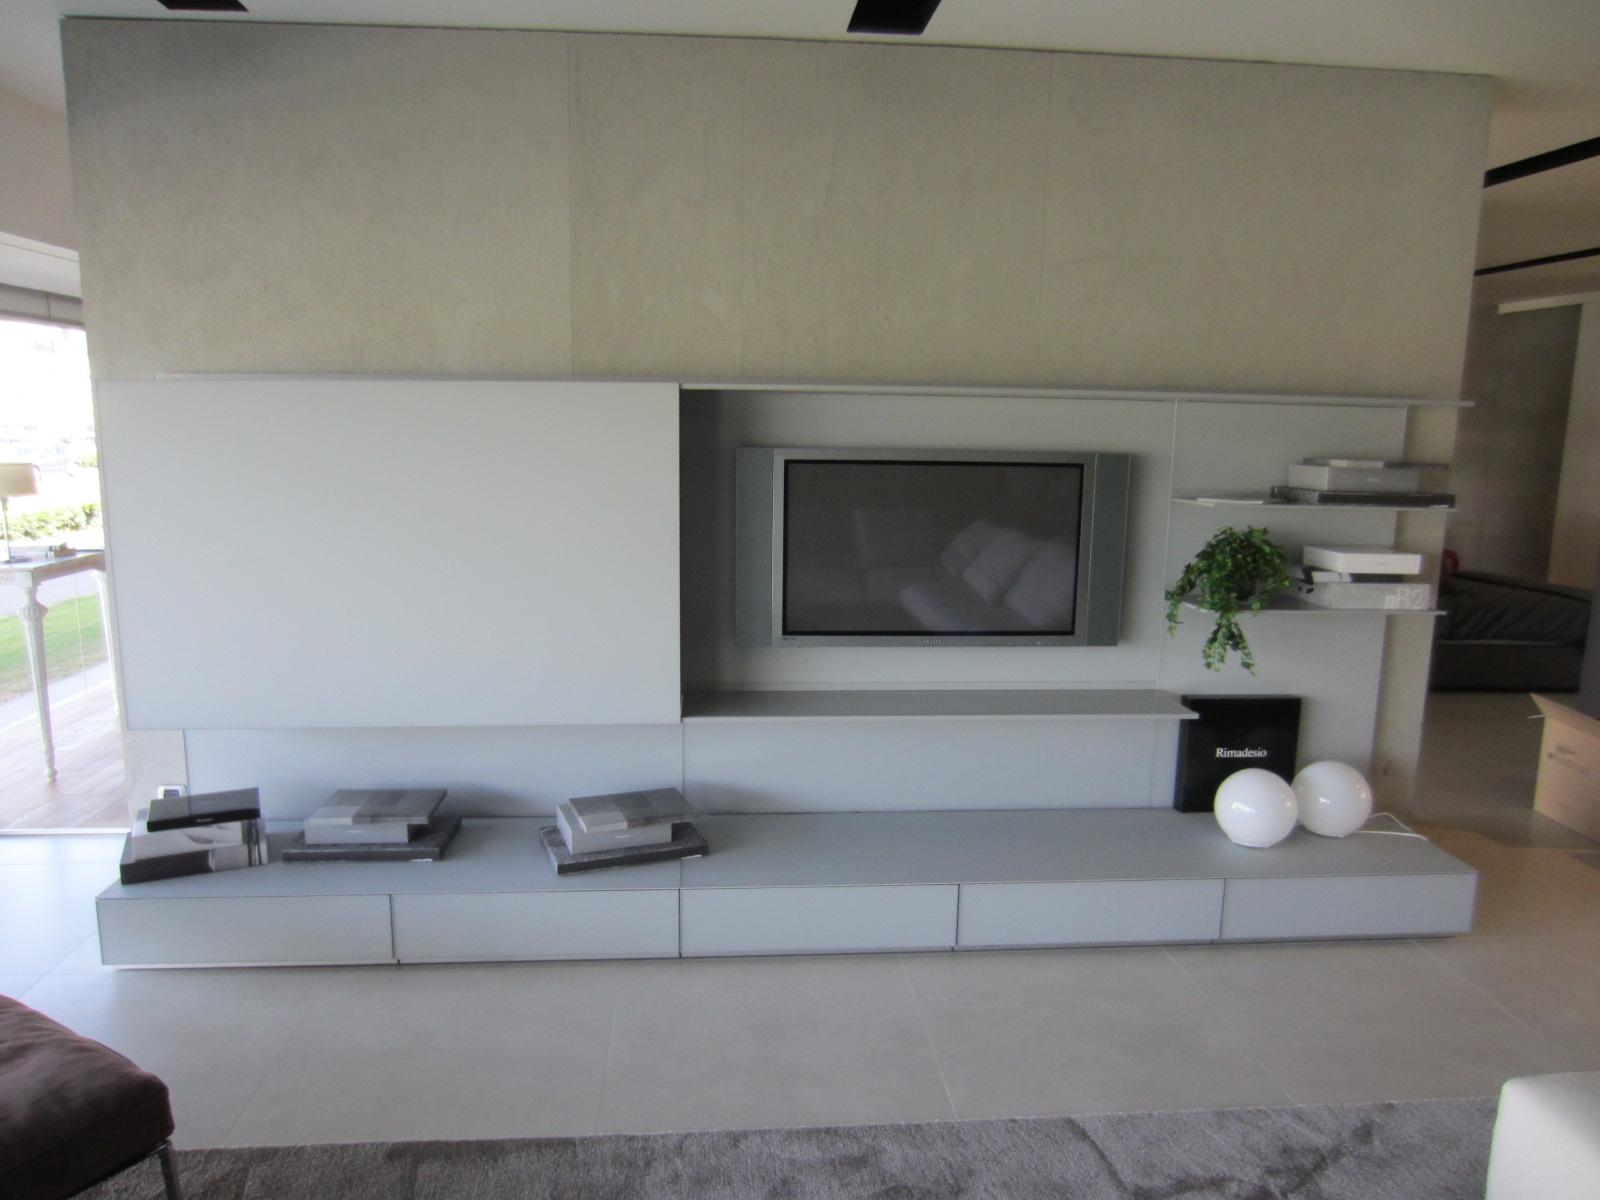 Soggiorno rimadesio abacus living porta tv soggiorni a for Soggiorno living